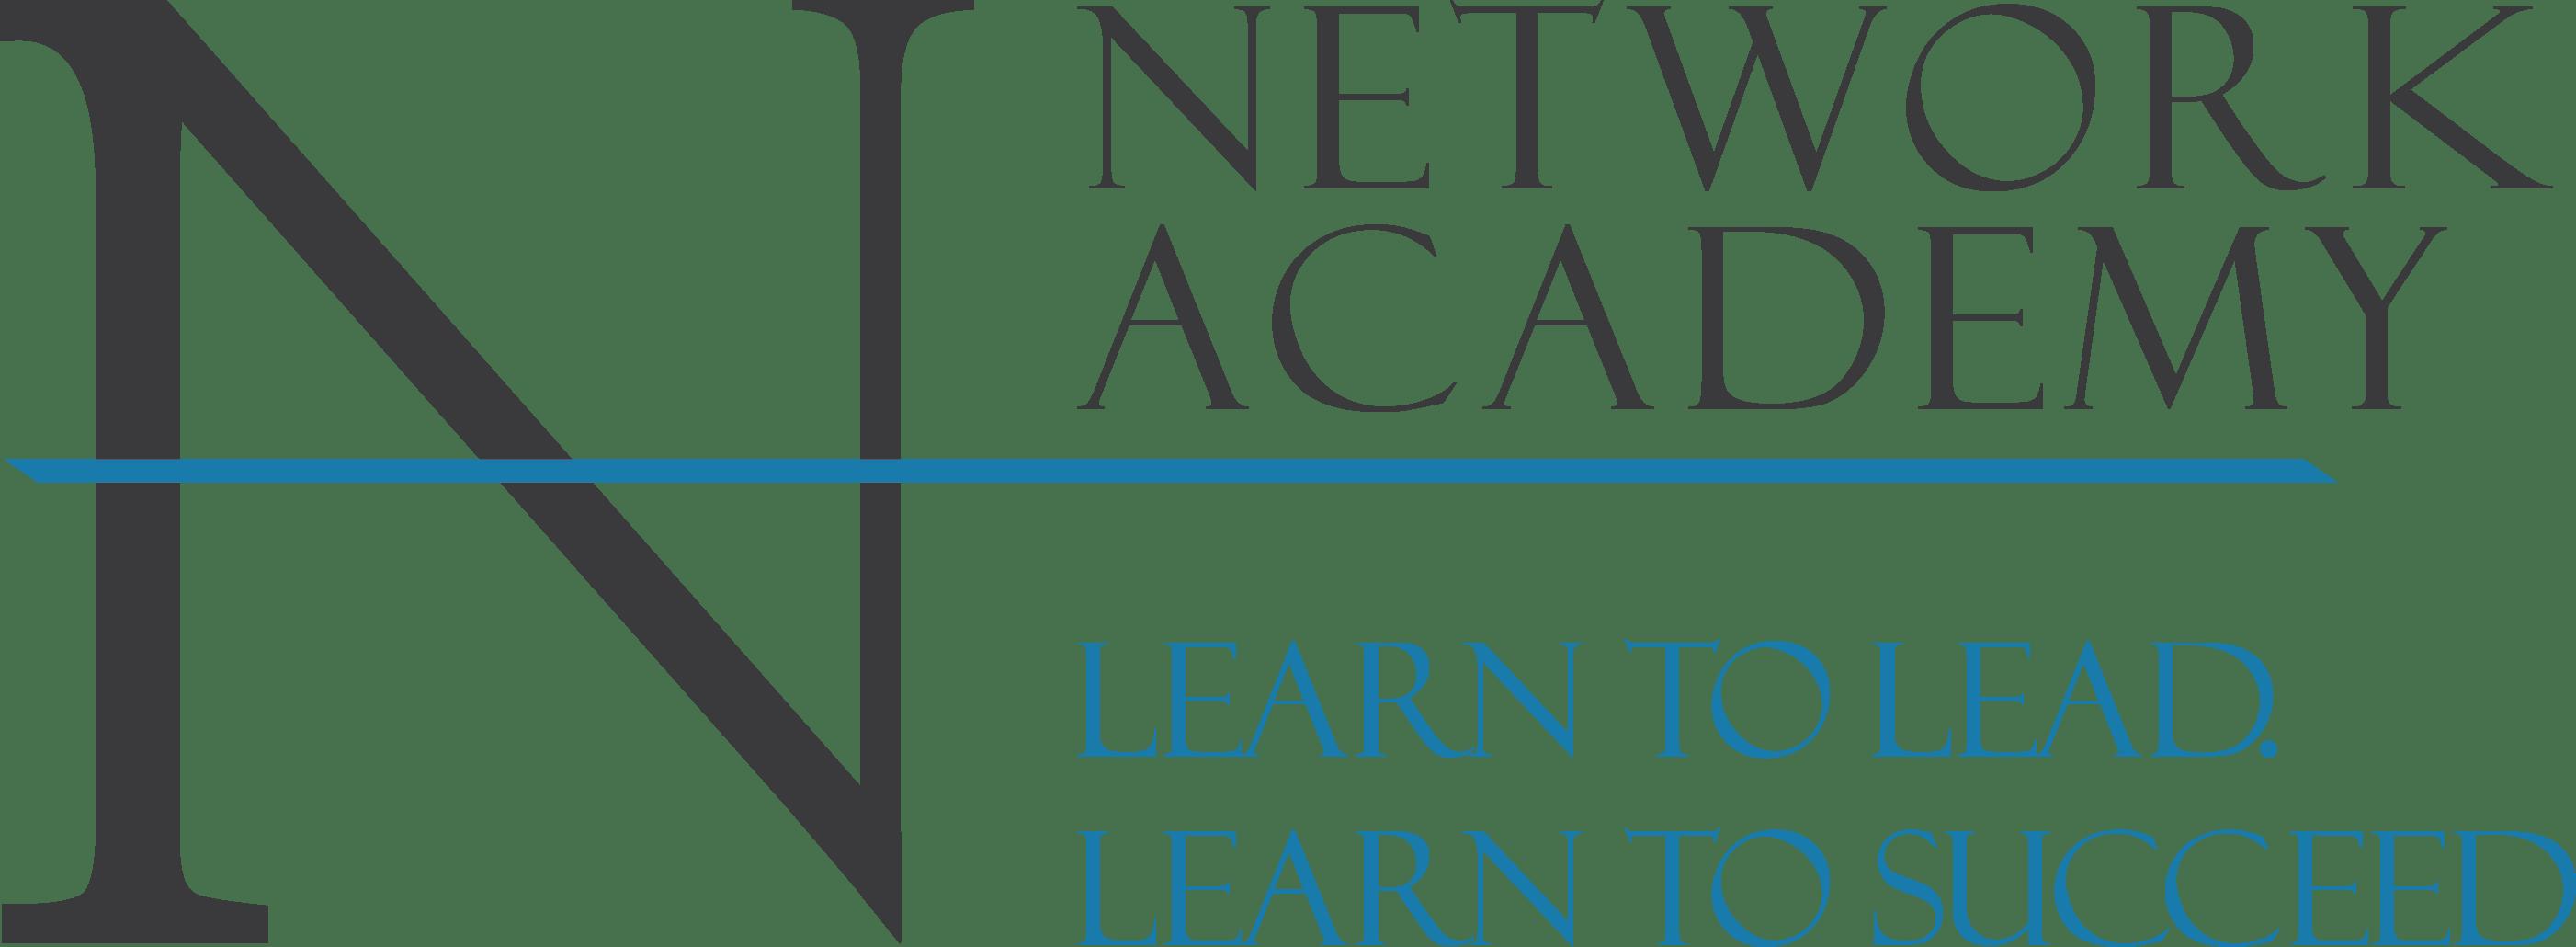 Contact Network Academy - succes în vânzări - motivare echipă